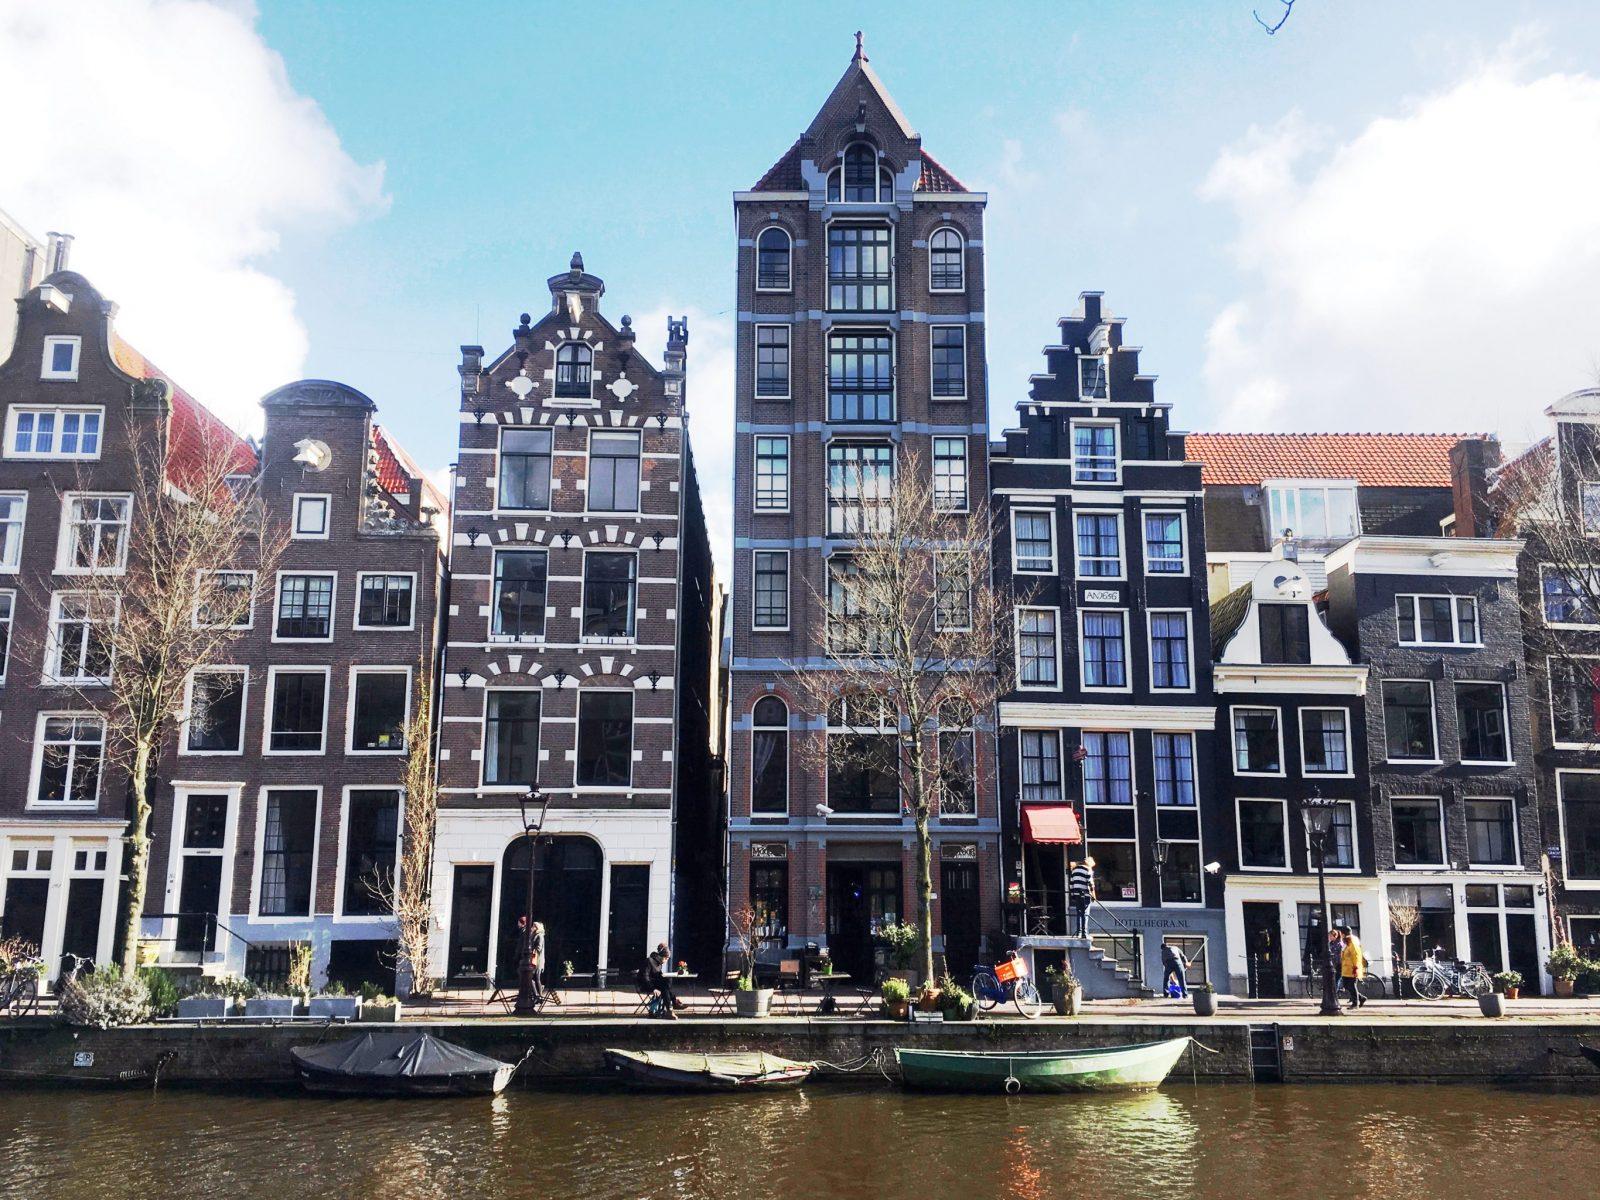 Hvad sker der i Amsterdam i marts? | Det skal du lave i kanalernes by denne måned